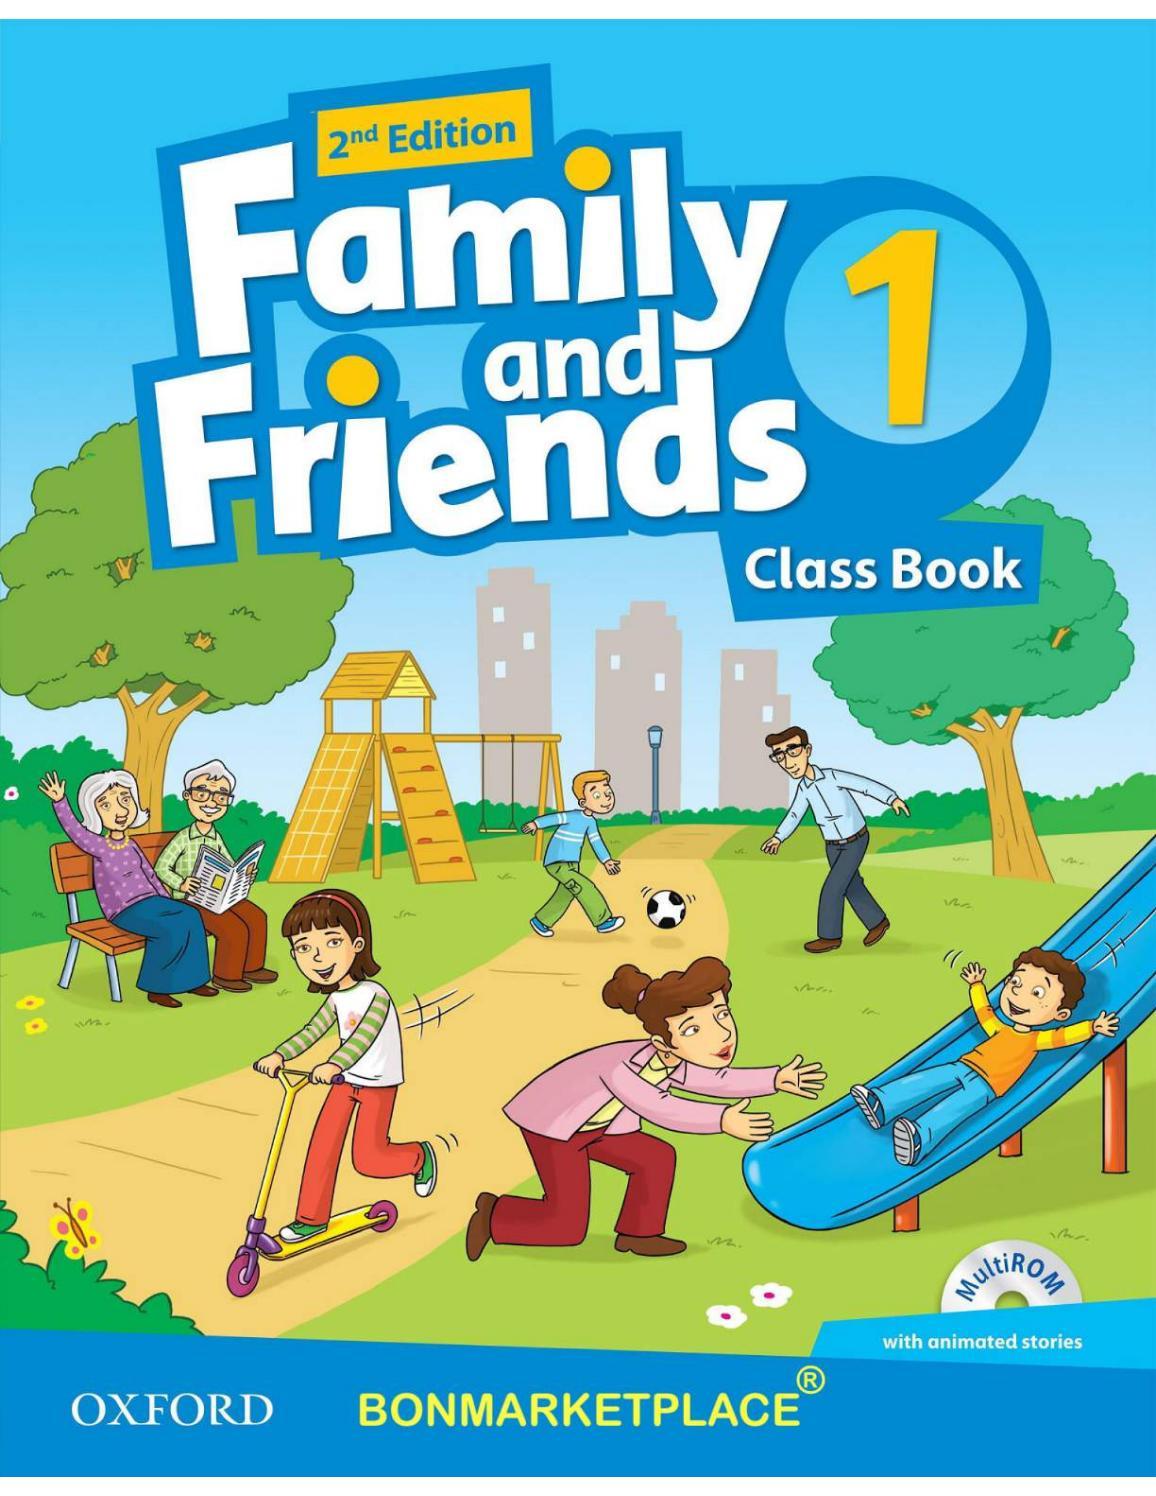 تحميل كتاب family and friends 3 pdf